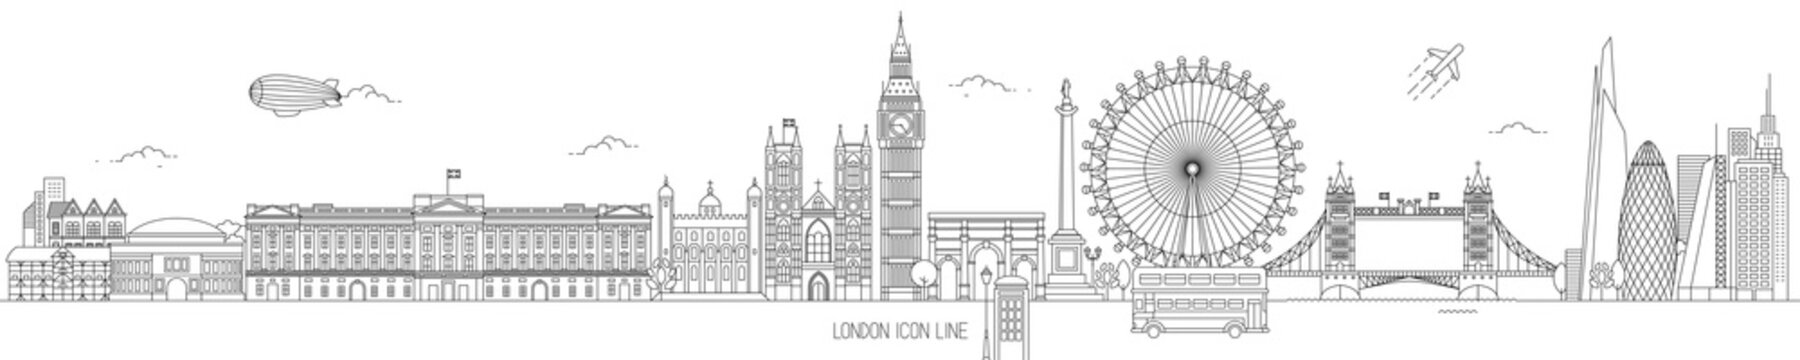 London Thin Line Vector Skyline